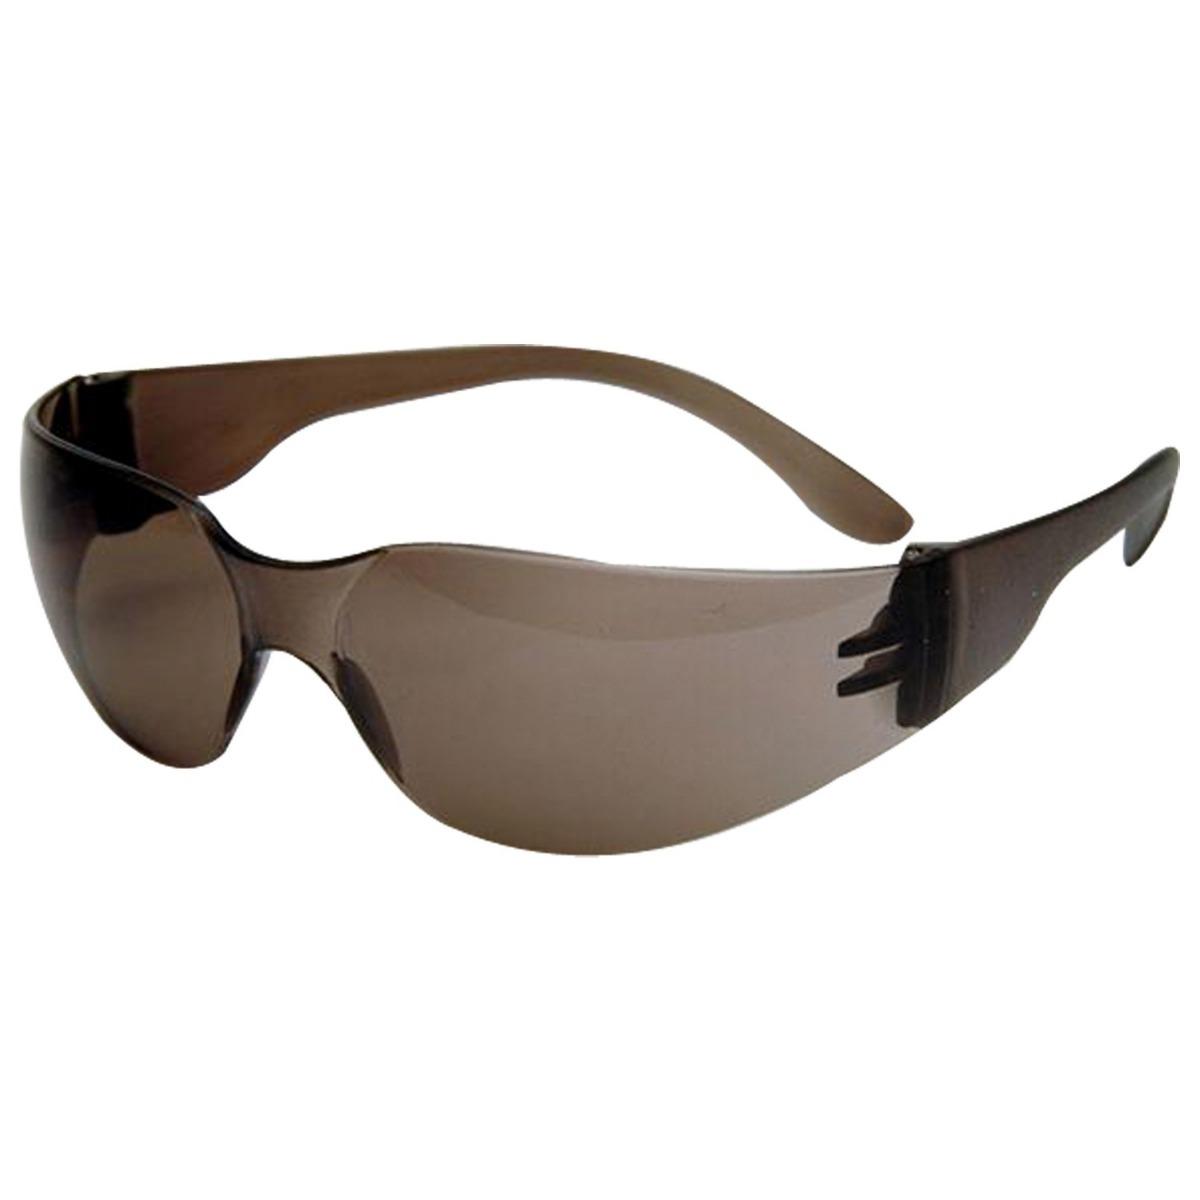 a9b2f66ca11c2 48 pç. óculos epi proteção cinza centauro orion c. a. 36243. Carregando  zoom.